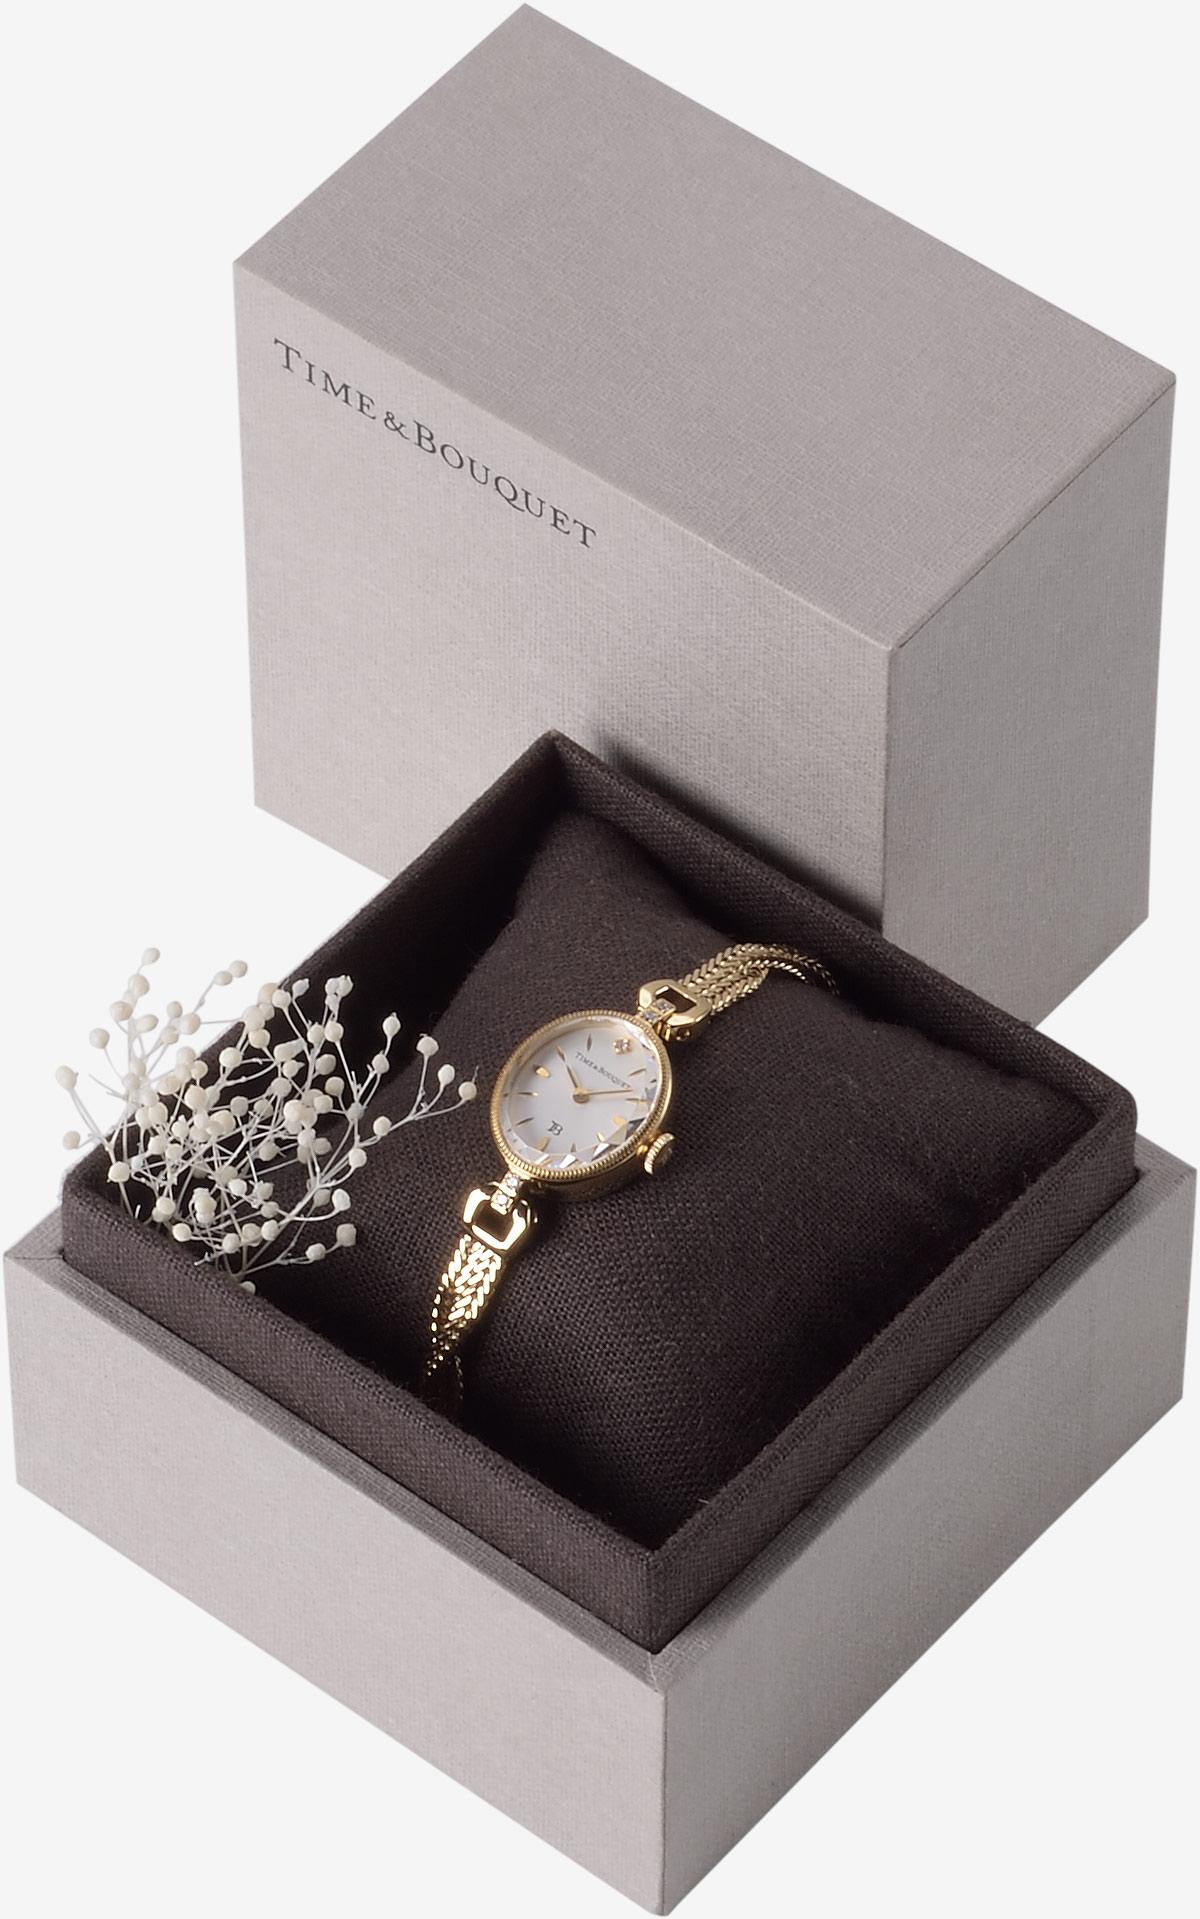 ハーフリネンの生地を内張りとクッションに使用した贅沢なギフトボックスに収納した腕時計ミュゲ